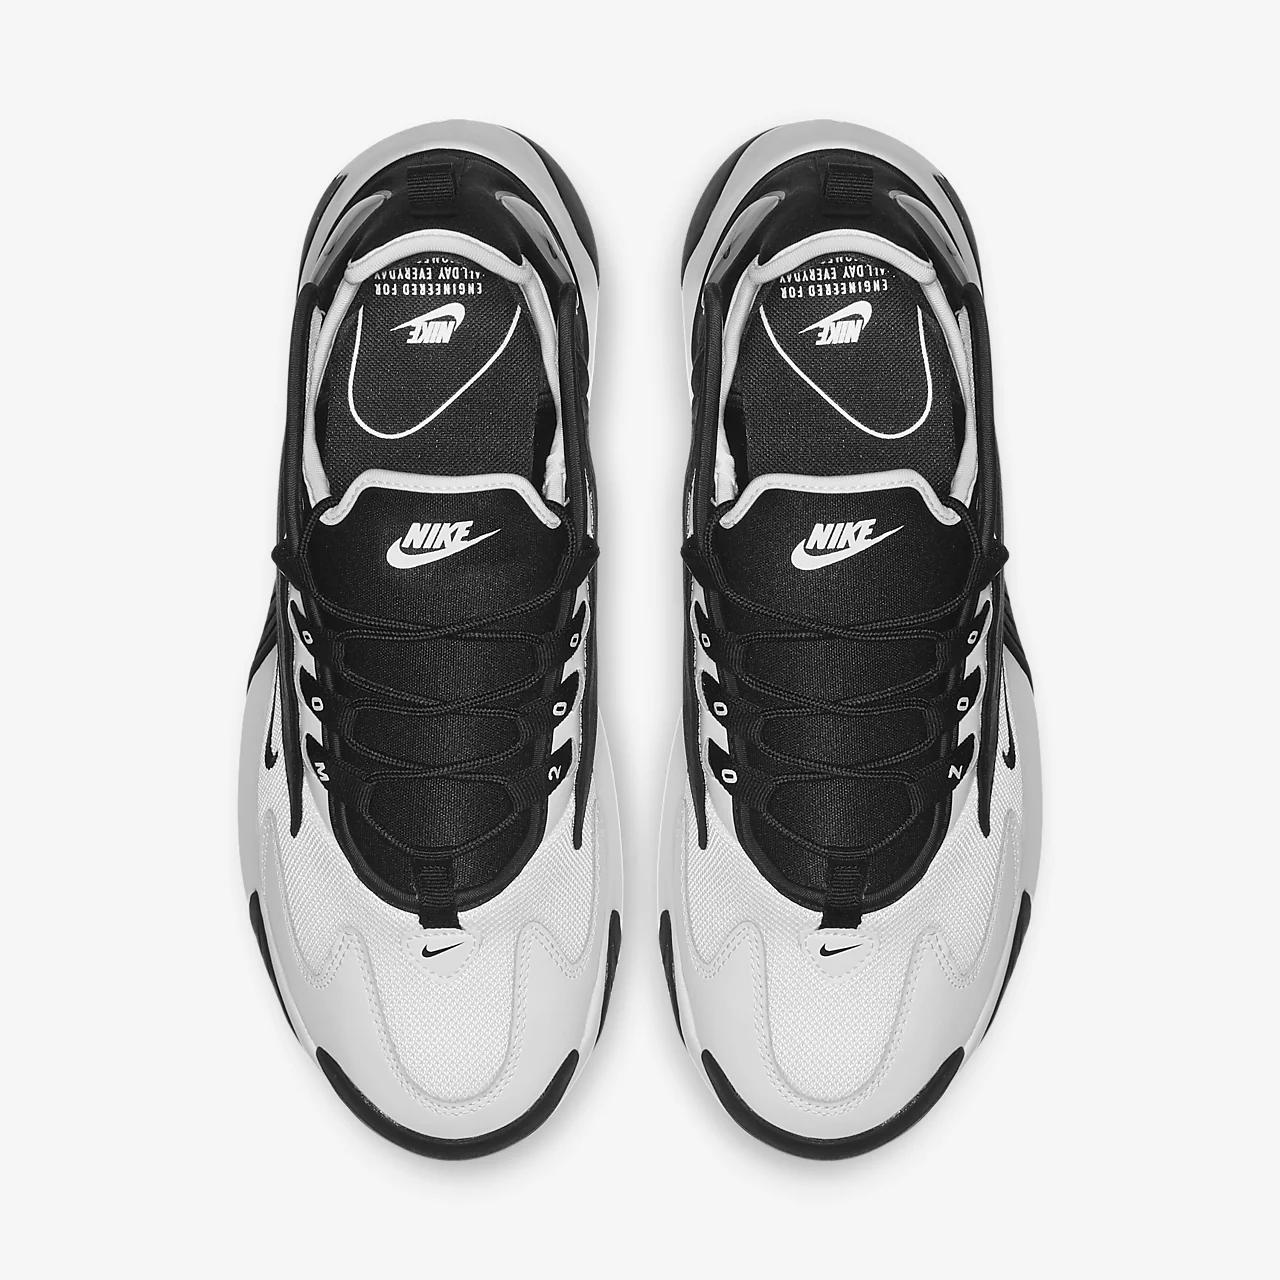 나이키 줌 2K 남성 신발 AO0269-101